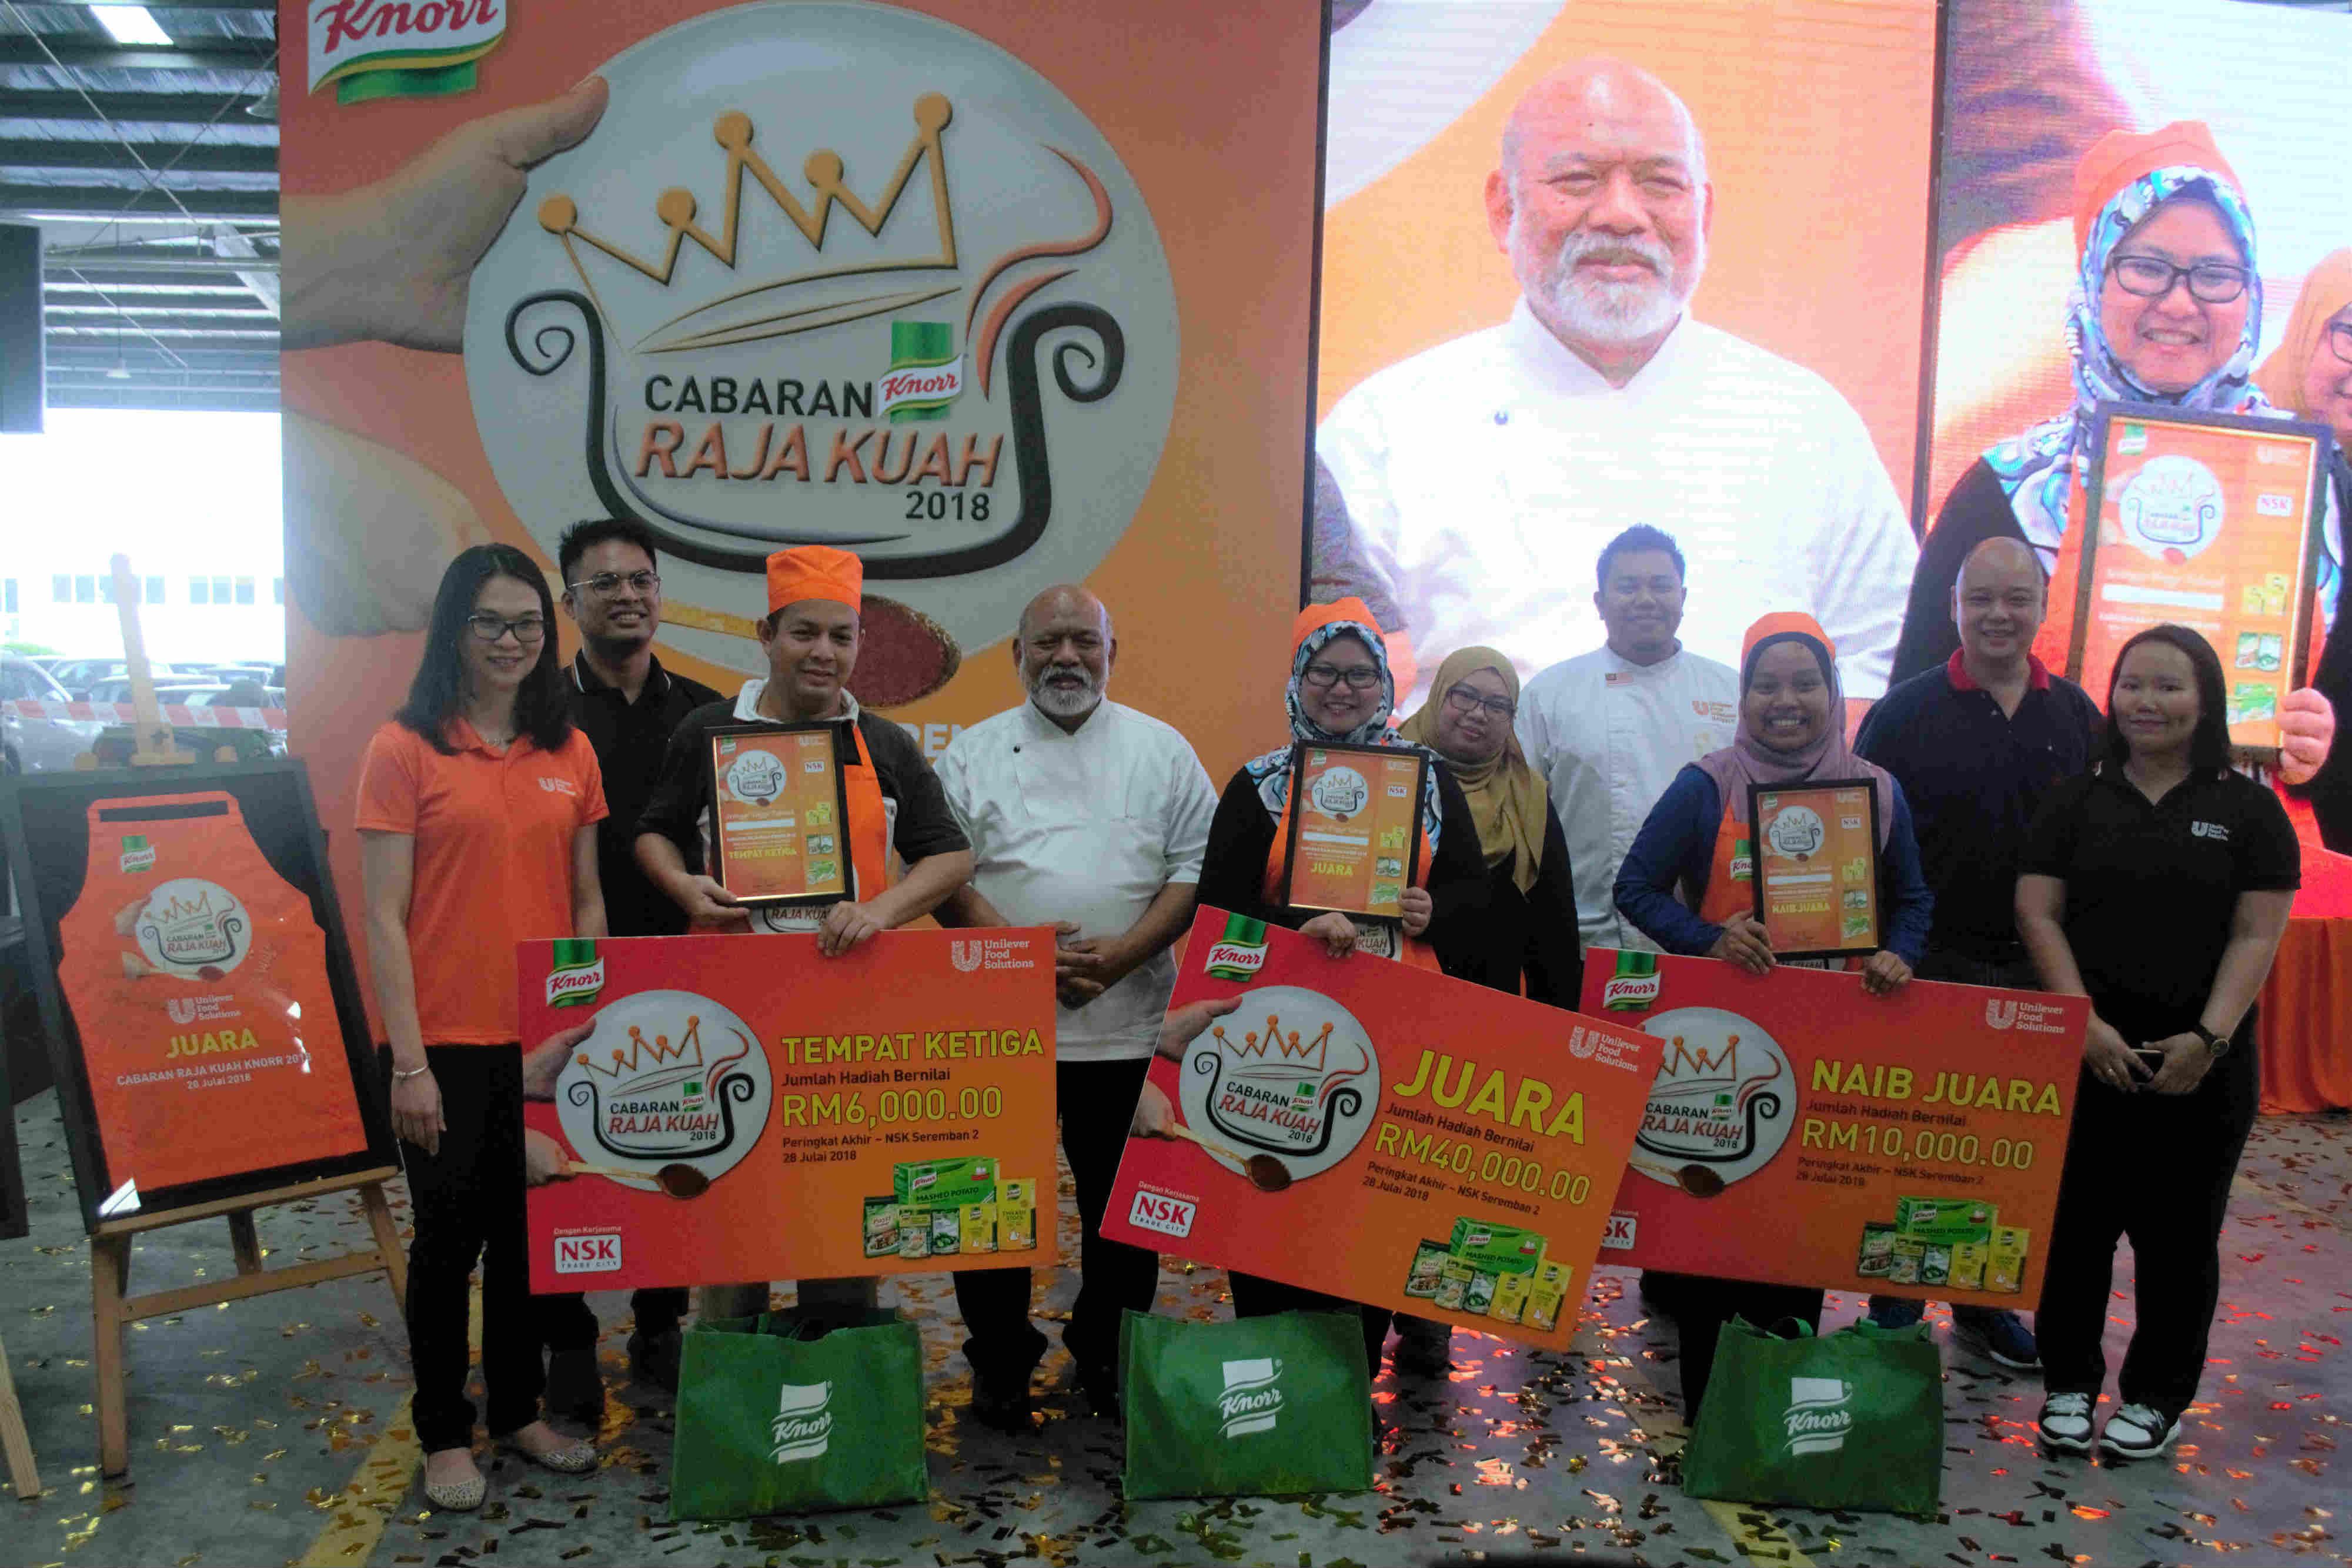 Cabaran Raja Kuah Knorr 2018